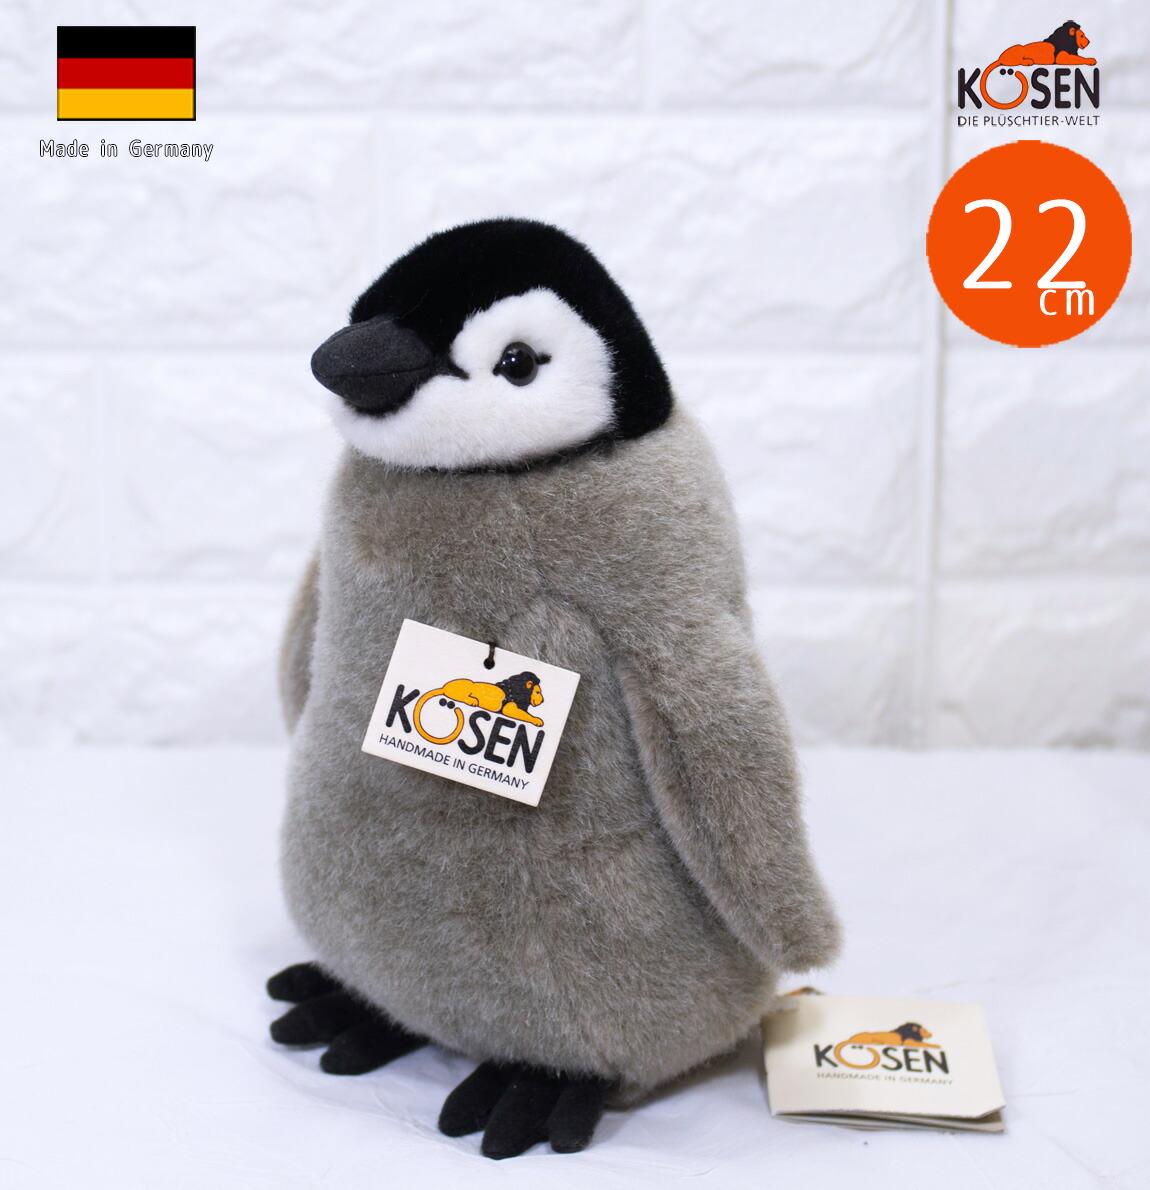 ケーセン ぬいぐるみ kosen 皇帝ペンギン(子ども)22cm リアル 動物